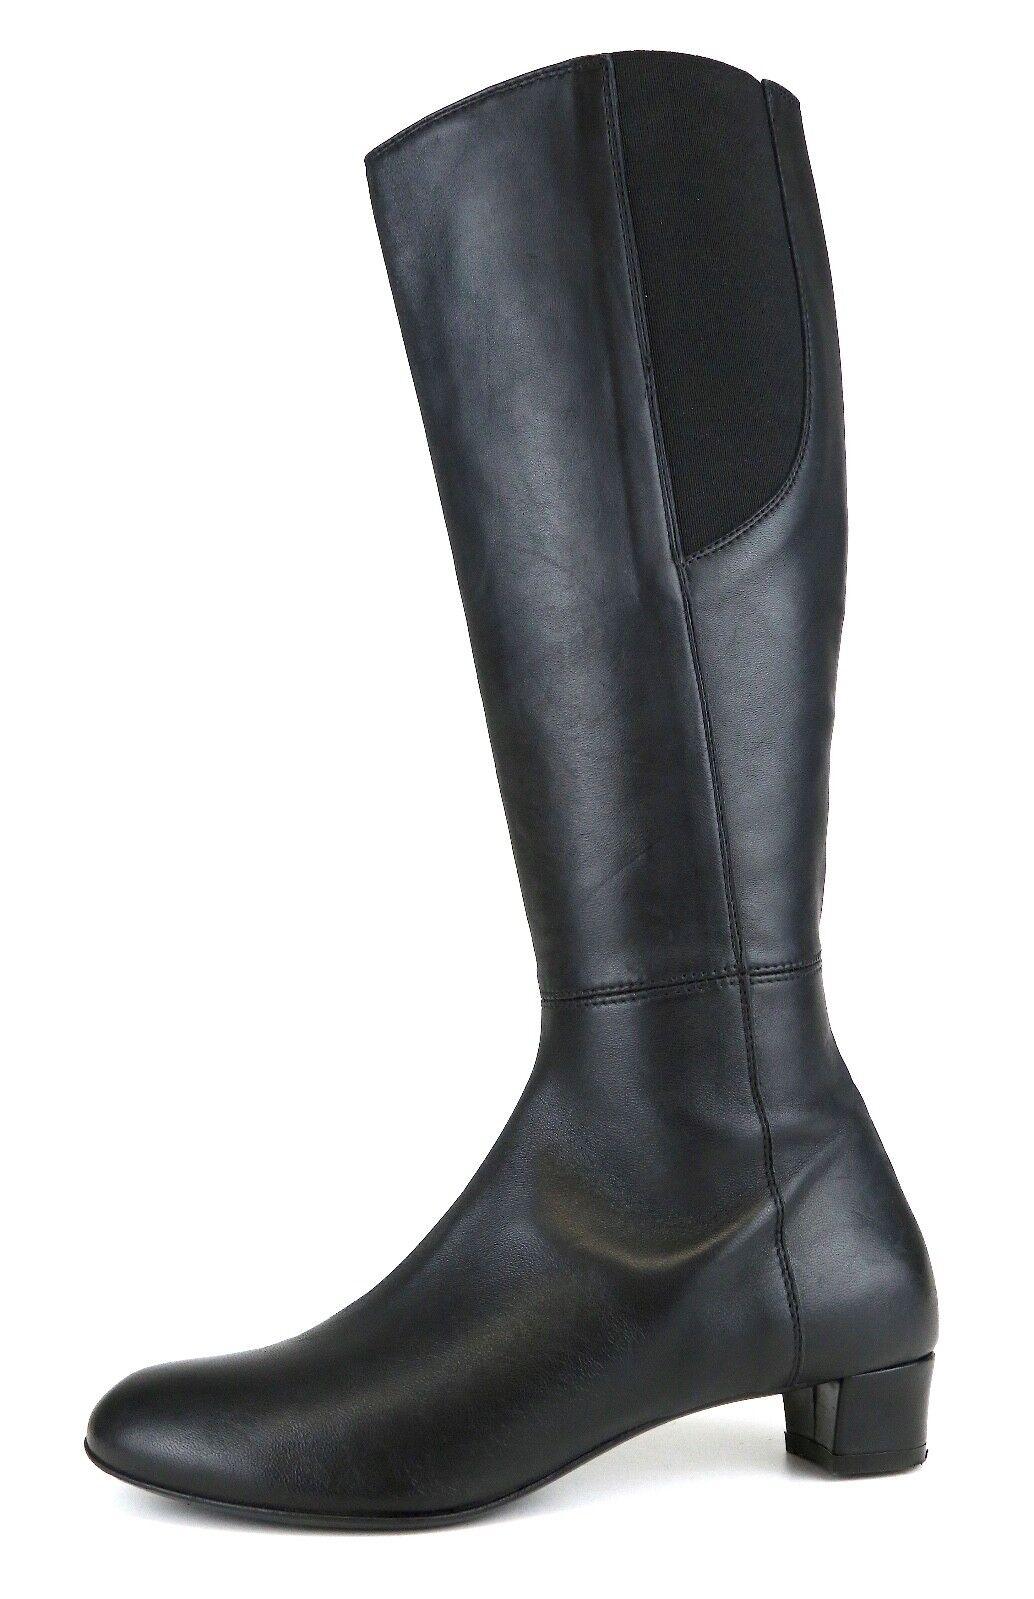 Attilio Giusti Leombruni Tall Leather Riding Boot Black Women Sz 37 EUR 5171